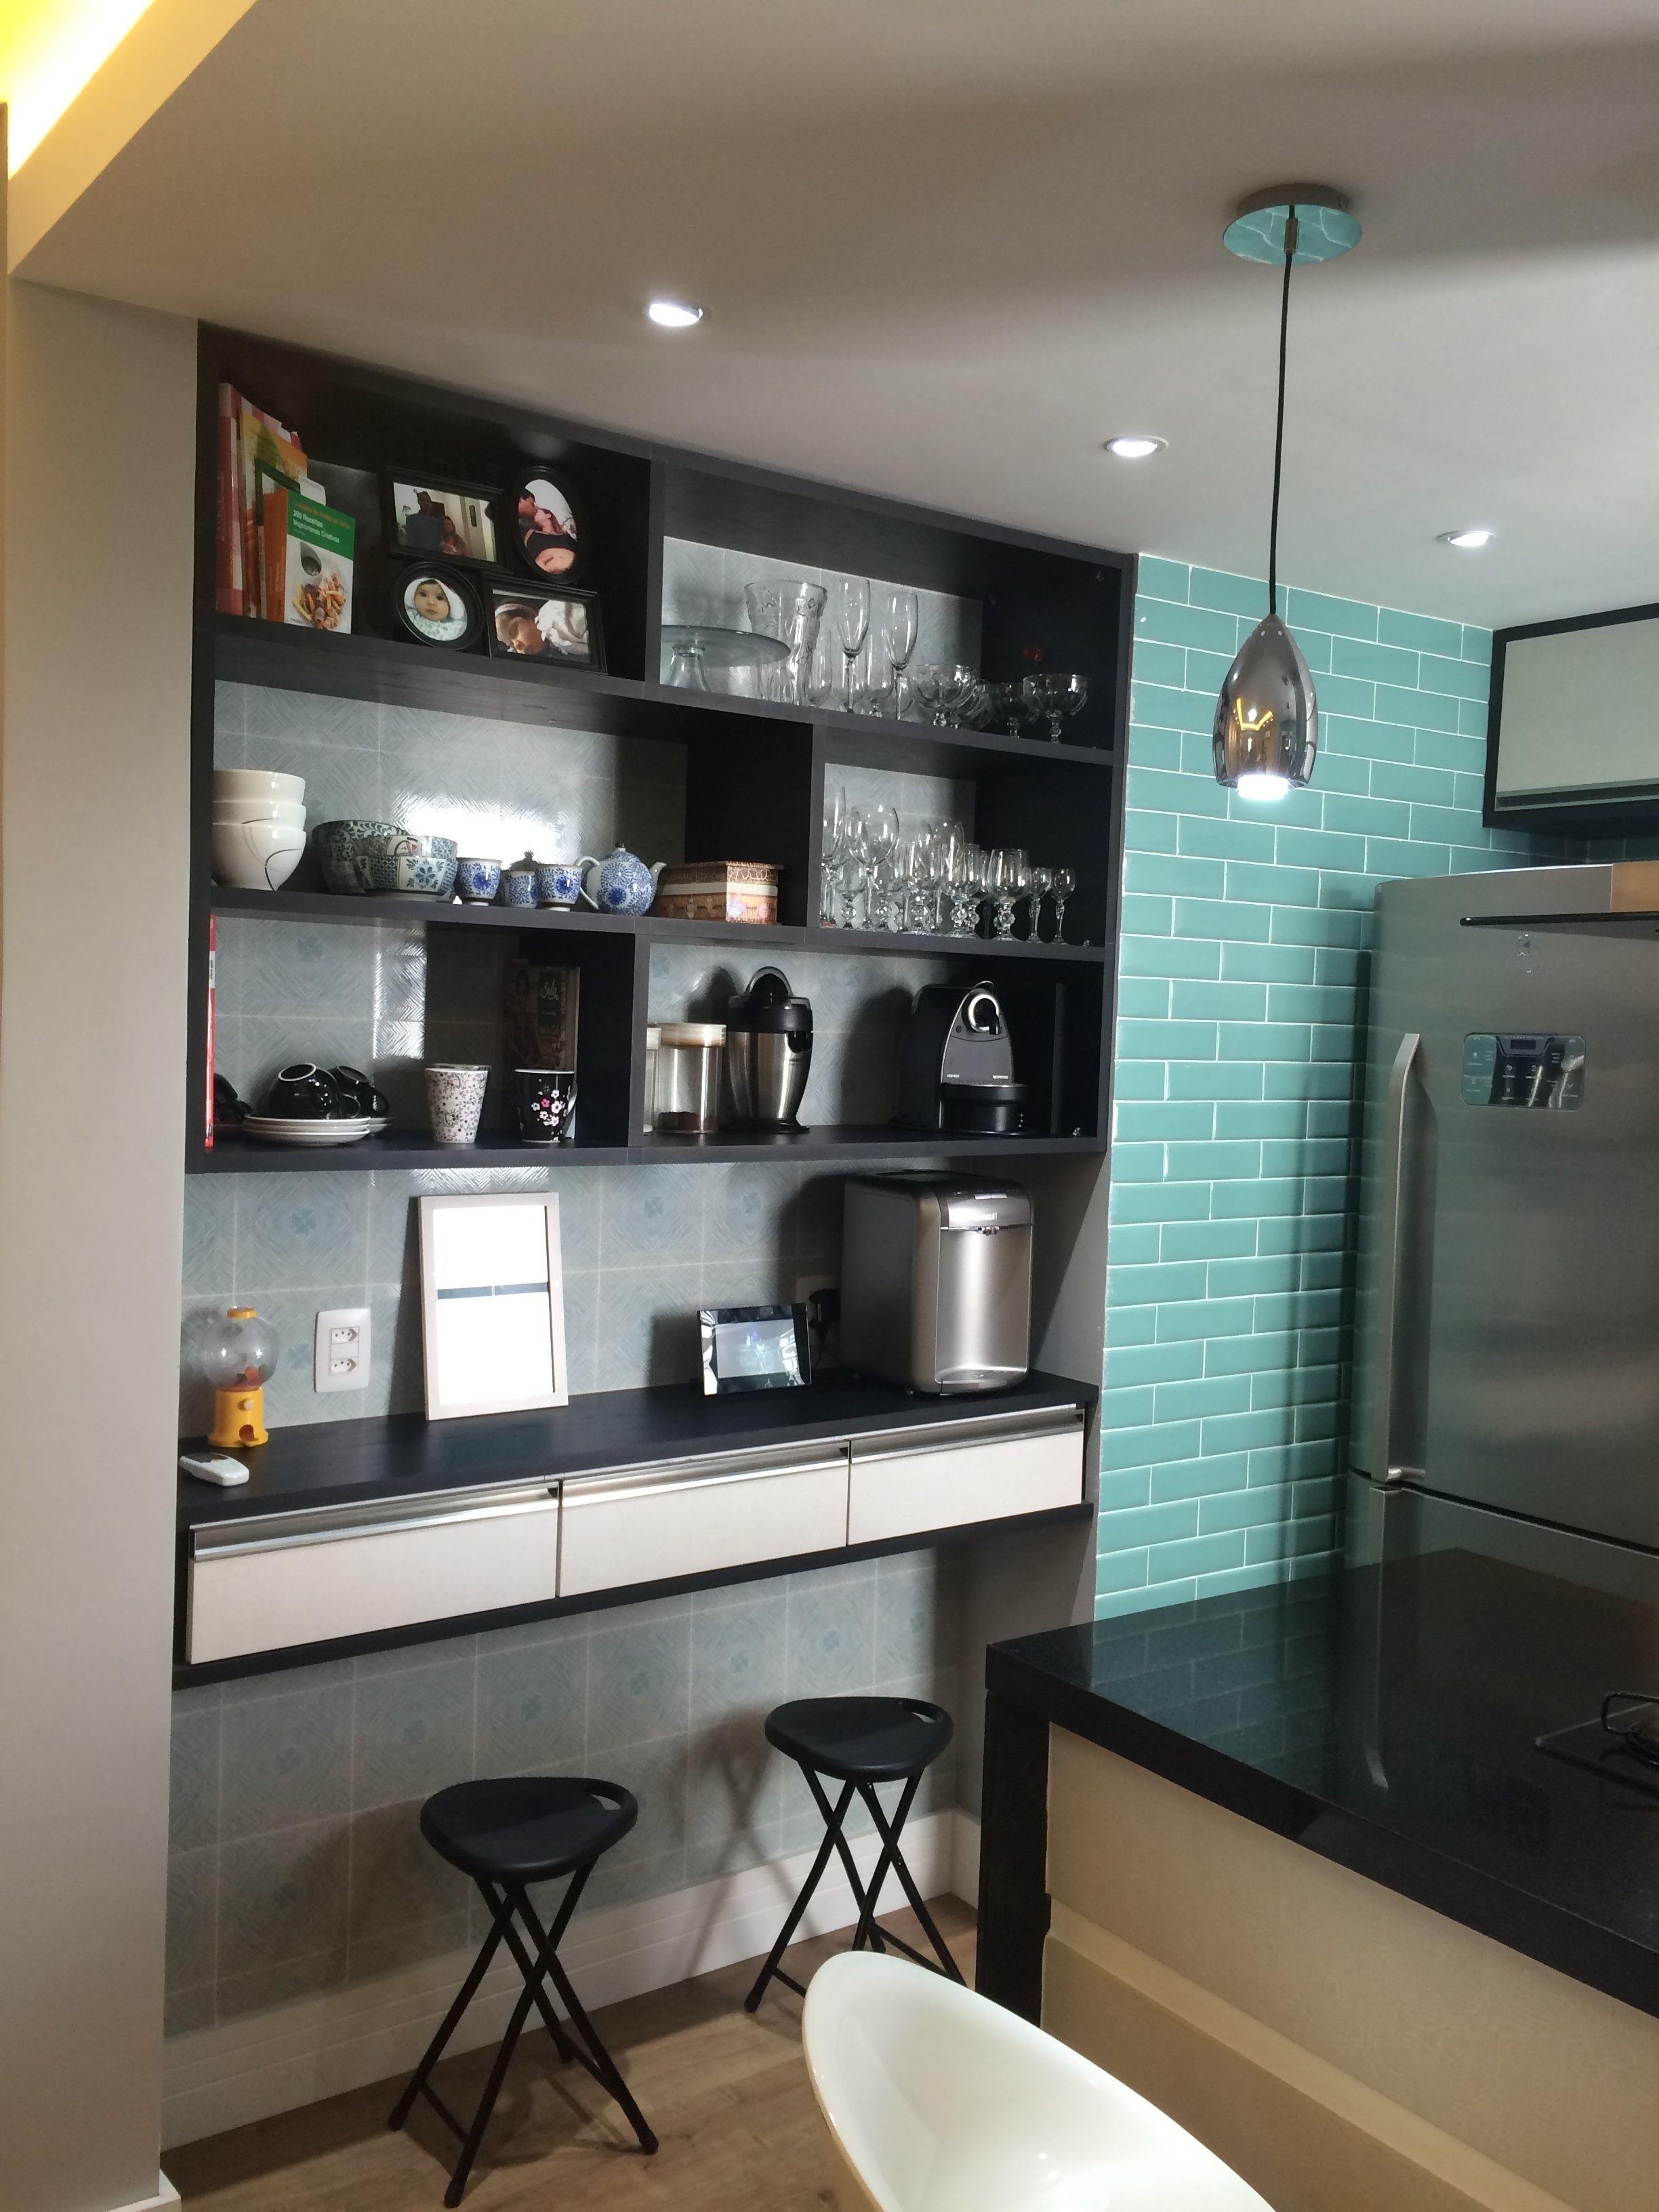 Cozinha Gourmet Revestimento Turquesa E Arm Rios Pretos